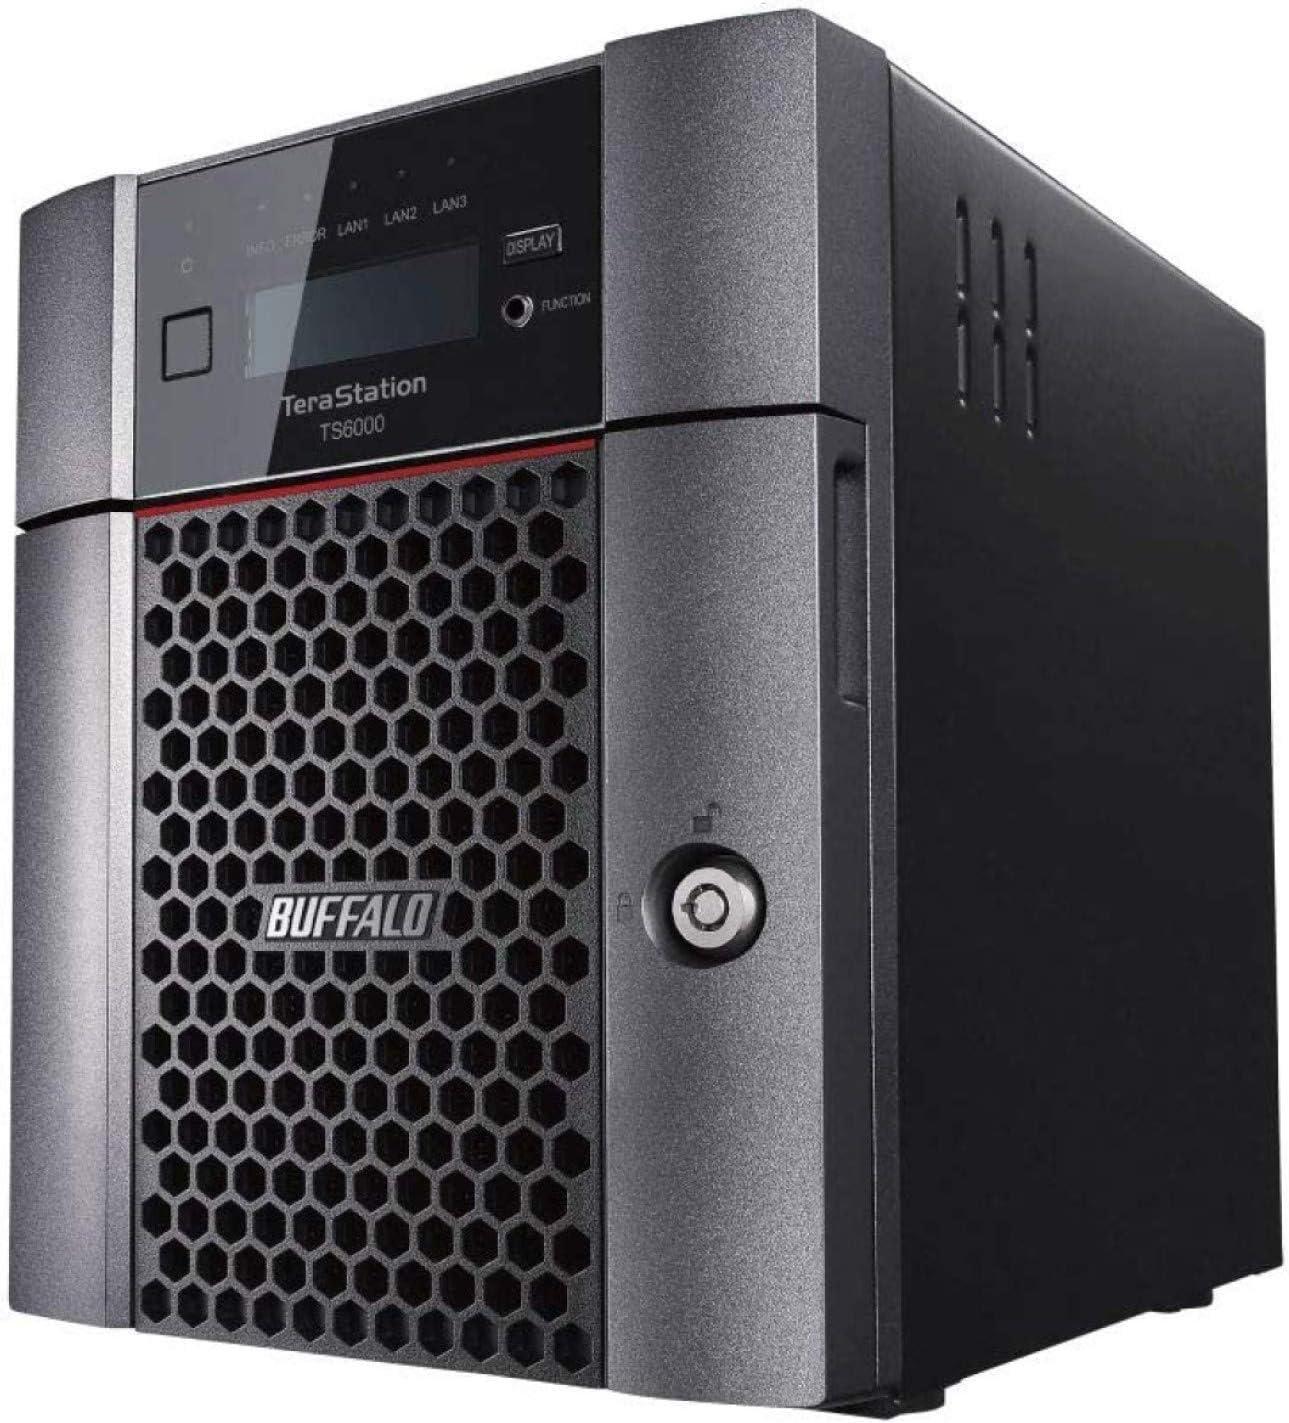 BUFFALO TeraStation 6400DN 32TB Desktop NAS Hard Drives Included + Snapshot